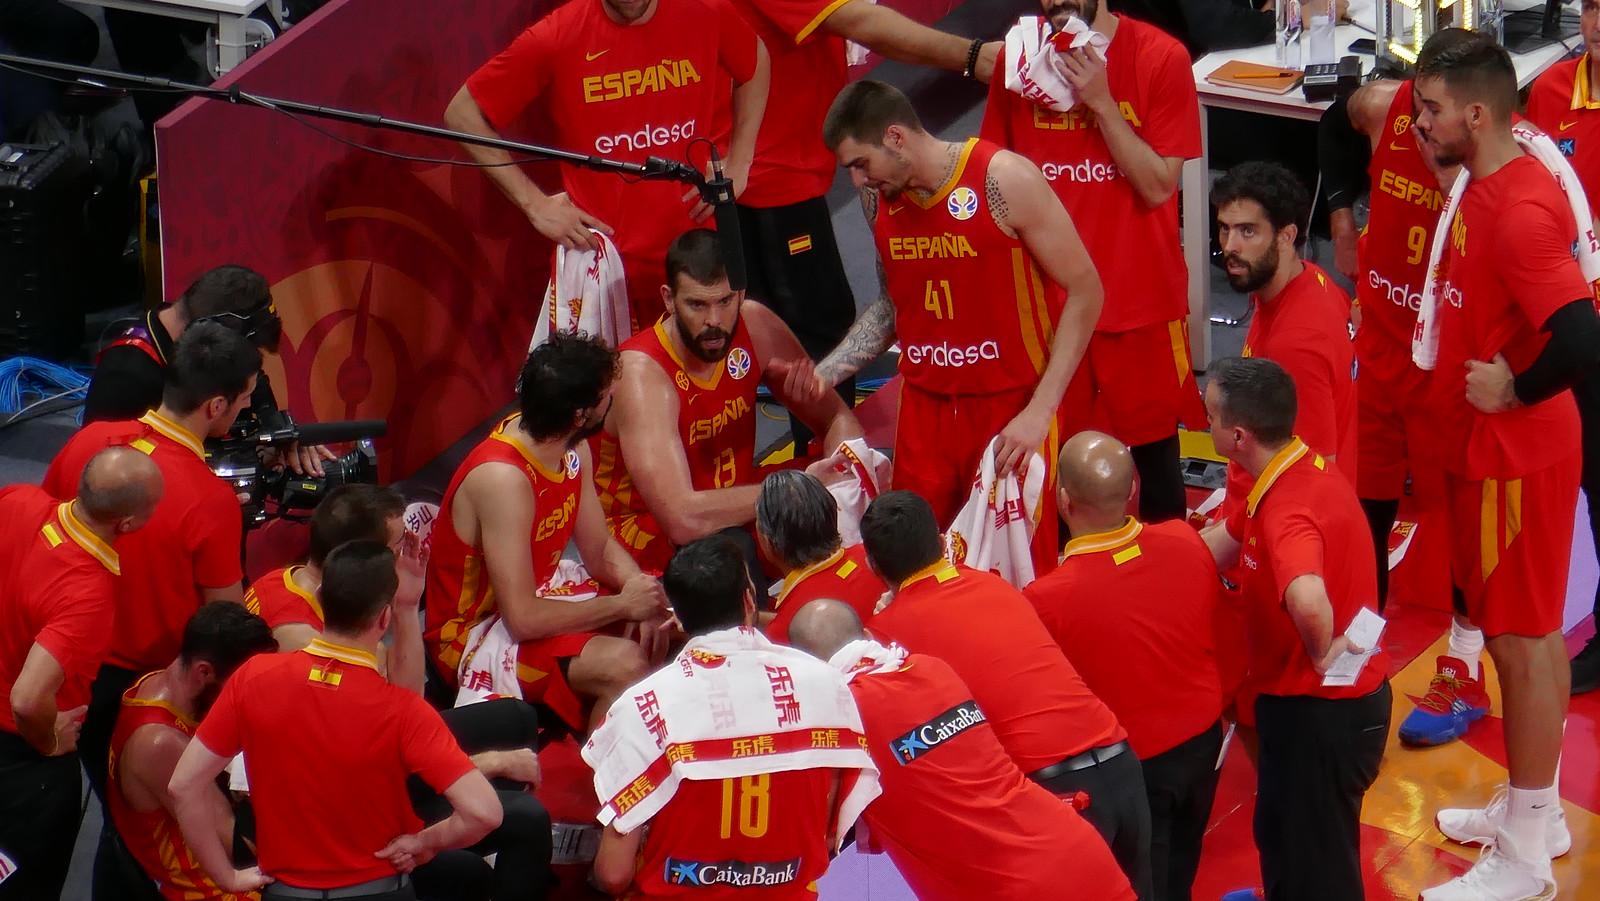 Tiempo muerto en la final del Mundial FIBA de Baloncesto, no es mala foto para estar hecha sin trípode y desde el gallinero